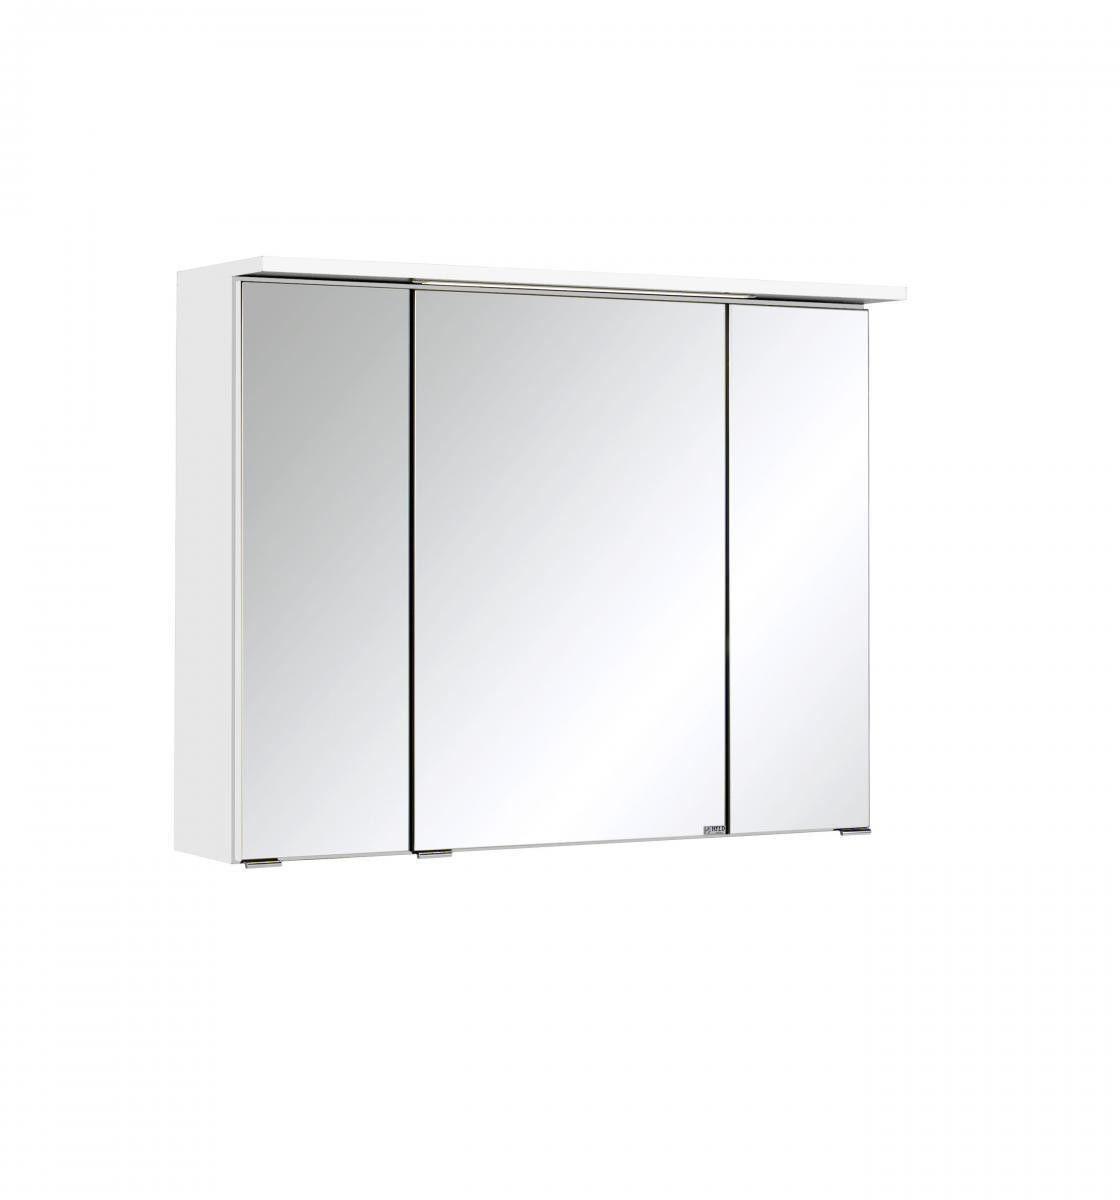 Held Bologna Spiegelschrank 80 weiß 011 1 0001 Jetzt bestellen unter